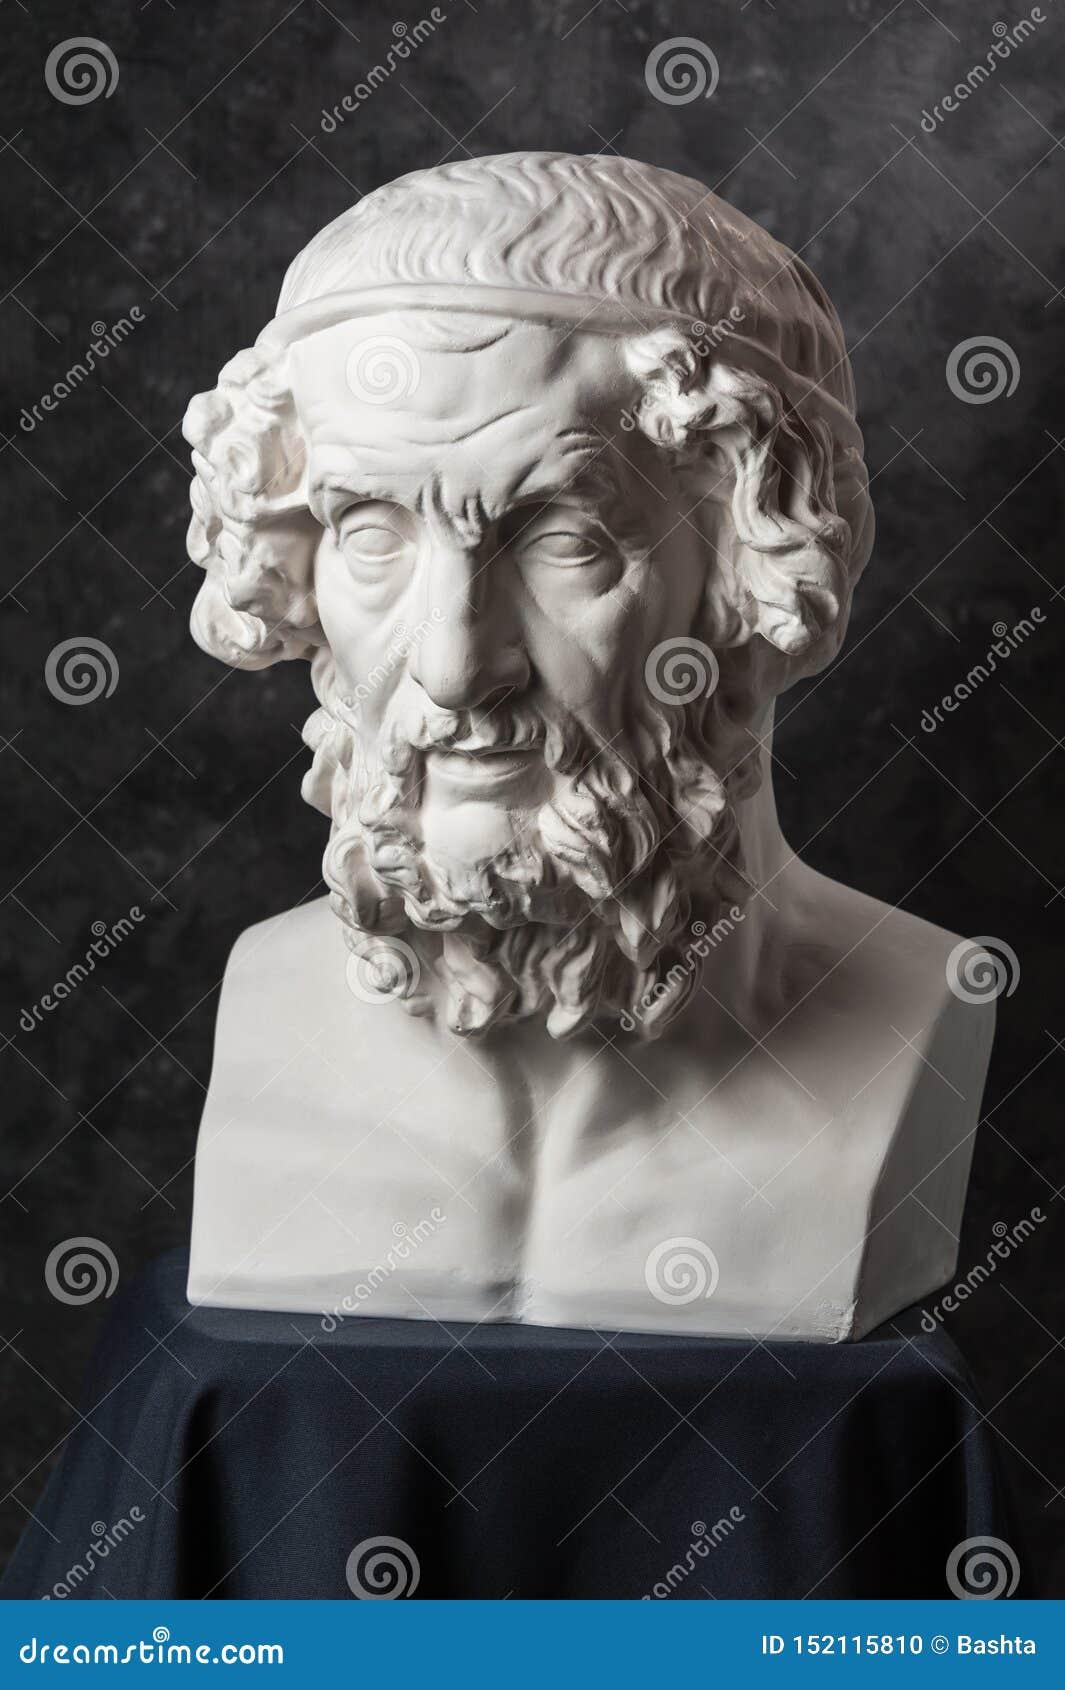 Gypsum Copy Of Ancient Statue Homer Head On Dark Textured Background